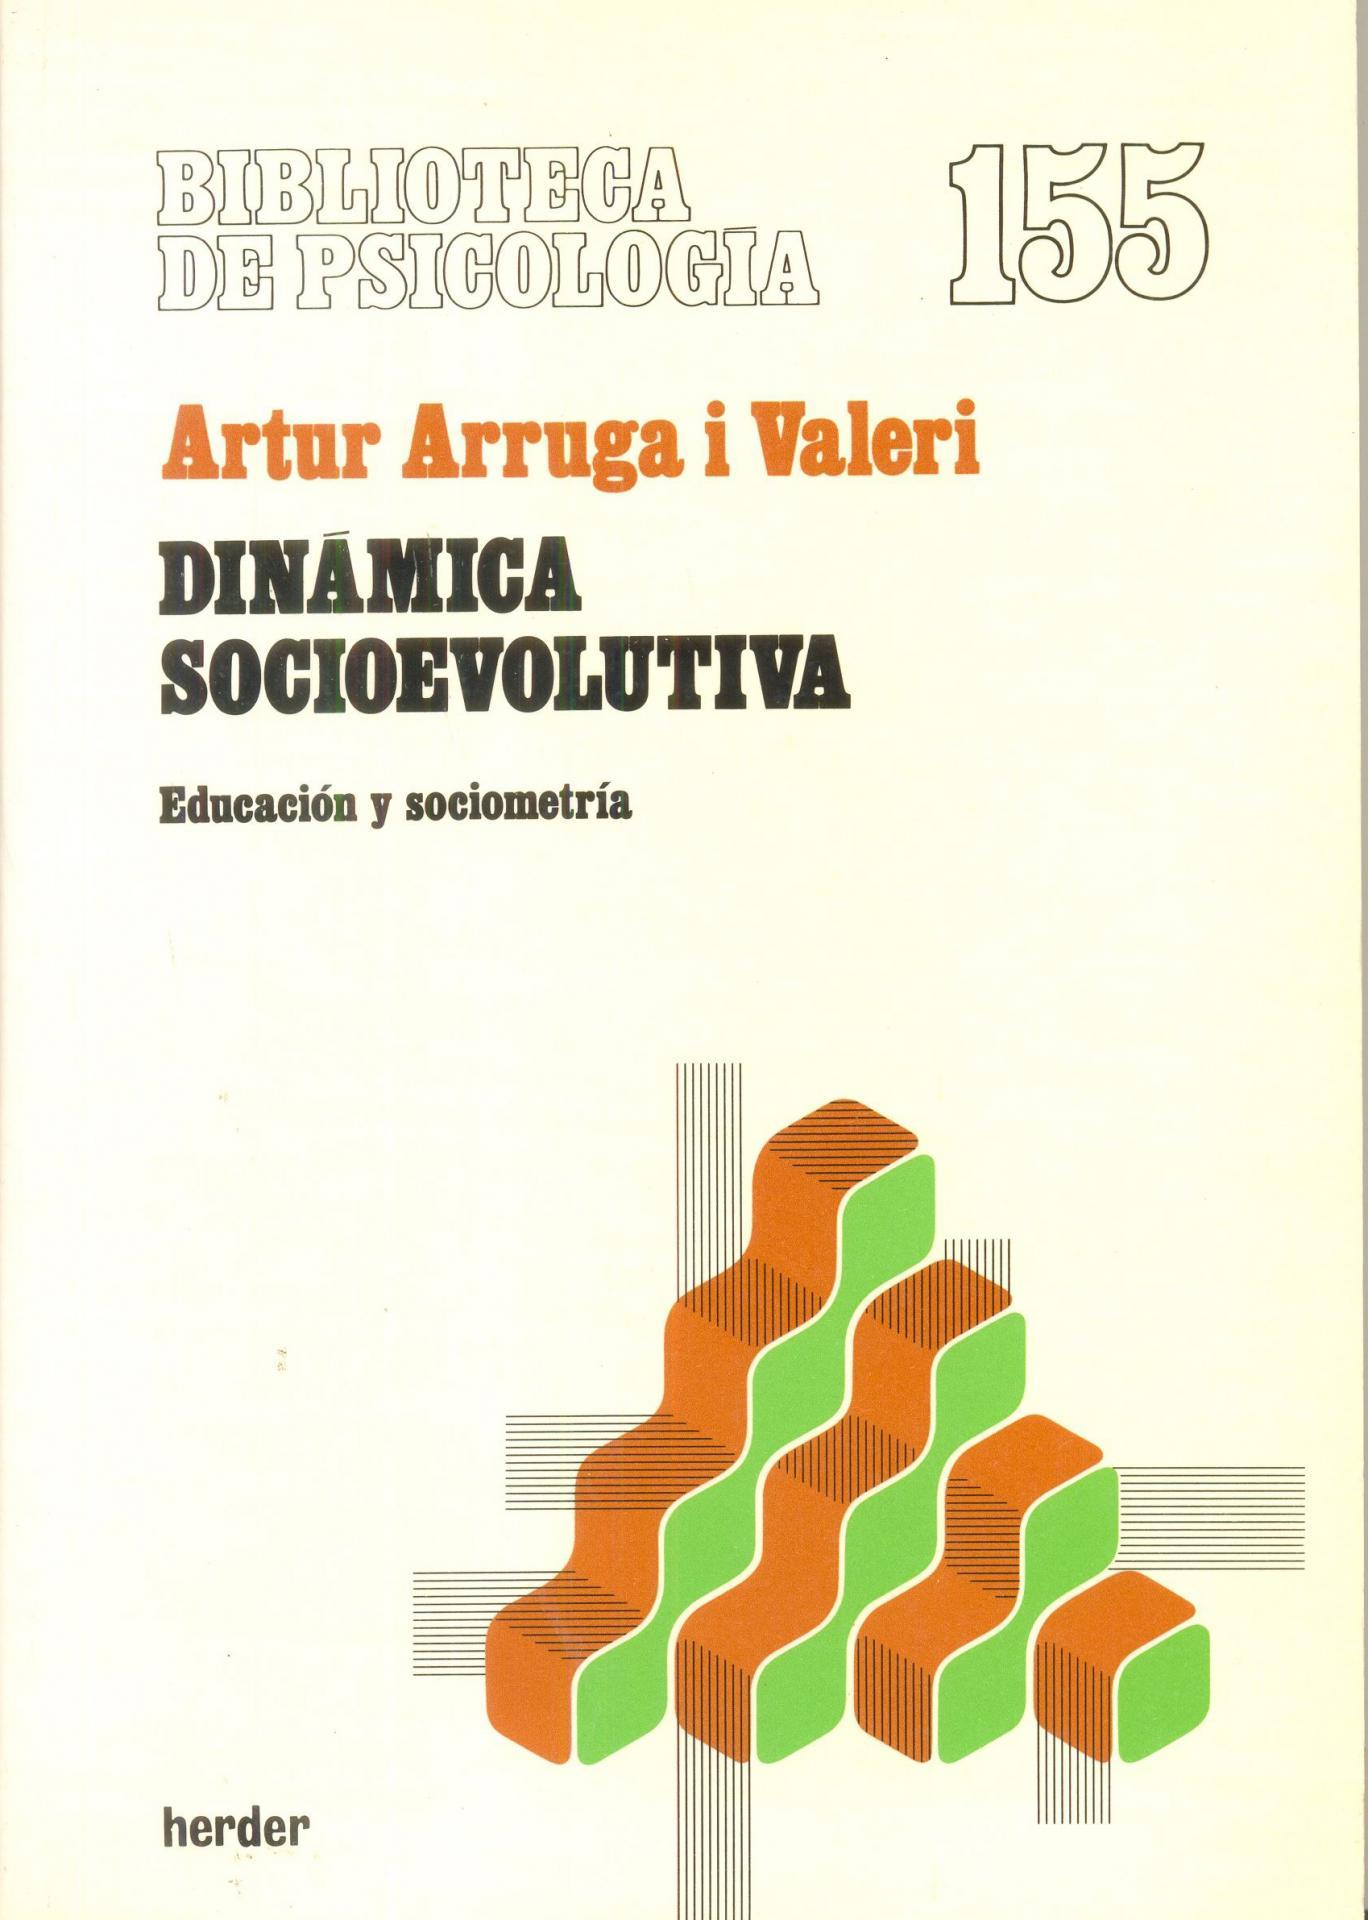 DINÁMICA SOCIOEVOLUTIVA. Educación y sociometría. Arruga i Valeri, A.